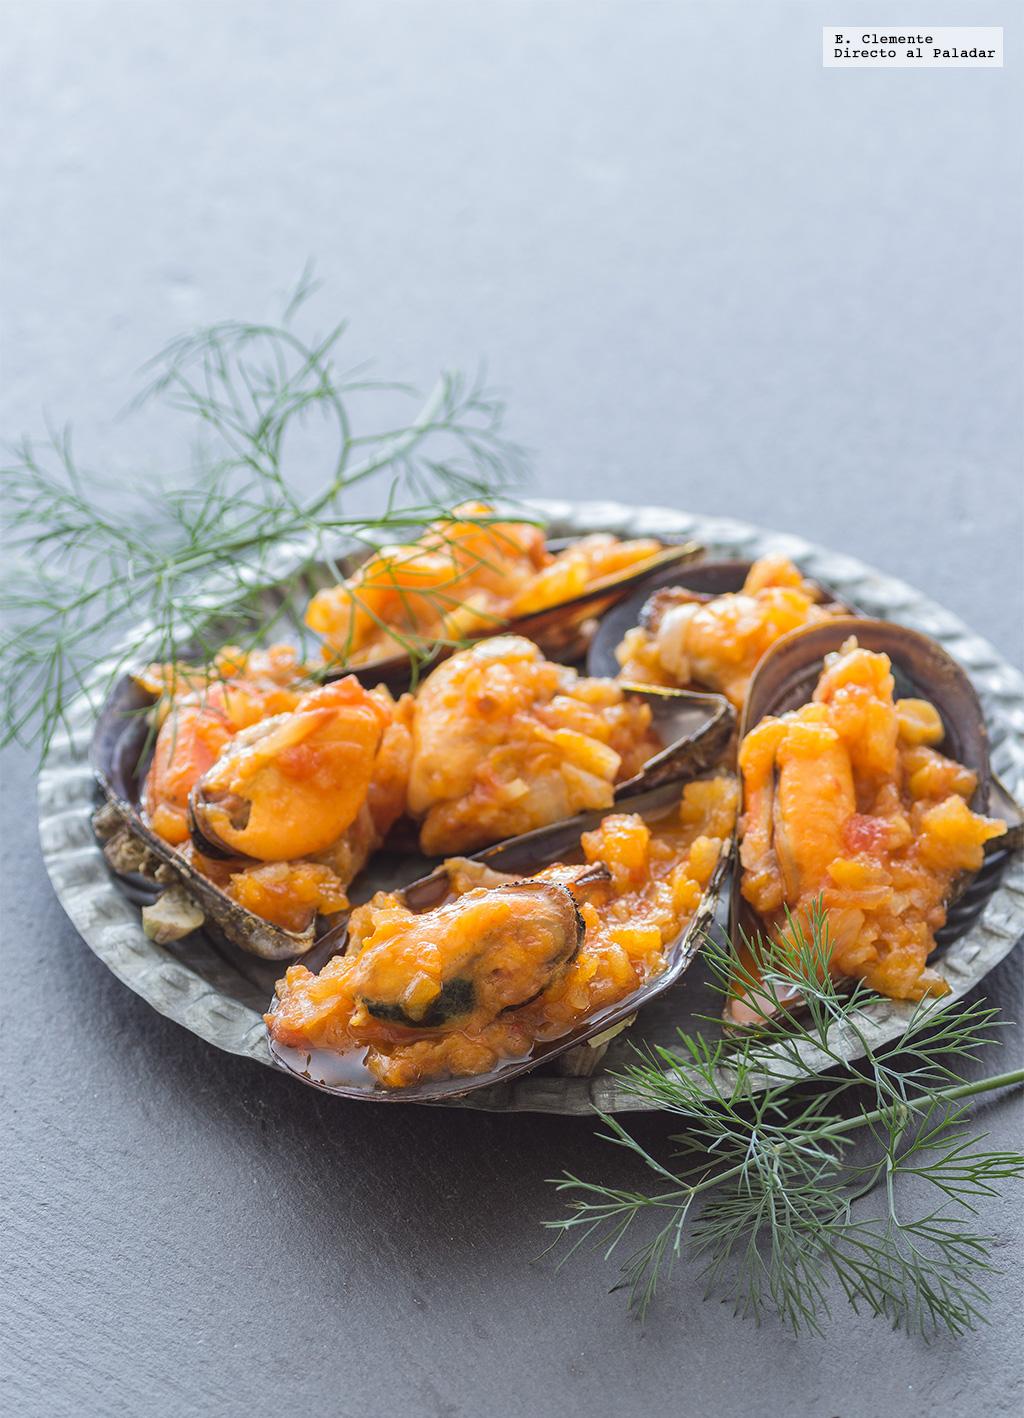 C mo hacer mejillones en salsa de vieira receta for Cocinar mejillones en salsa